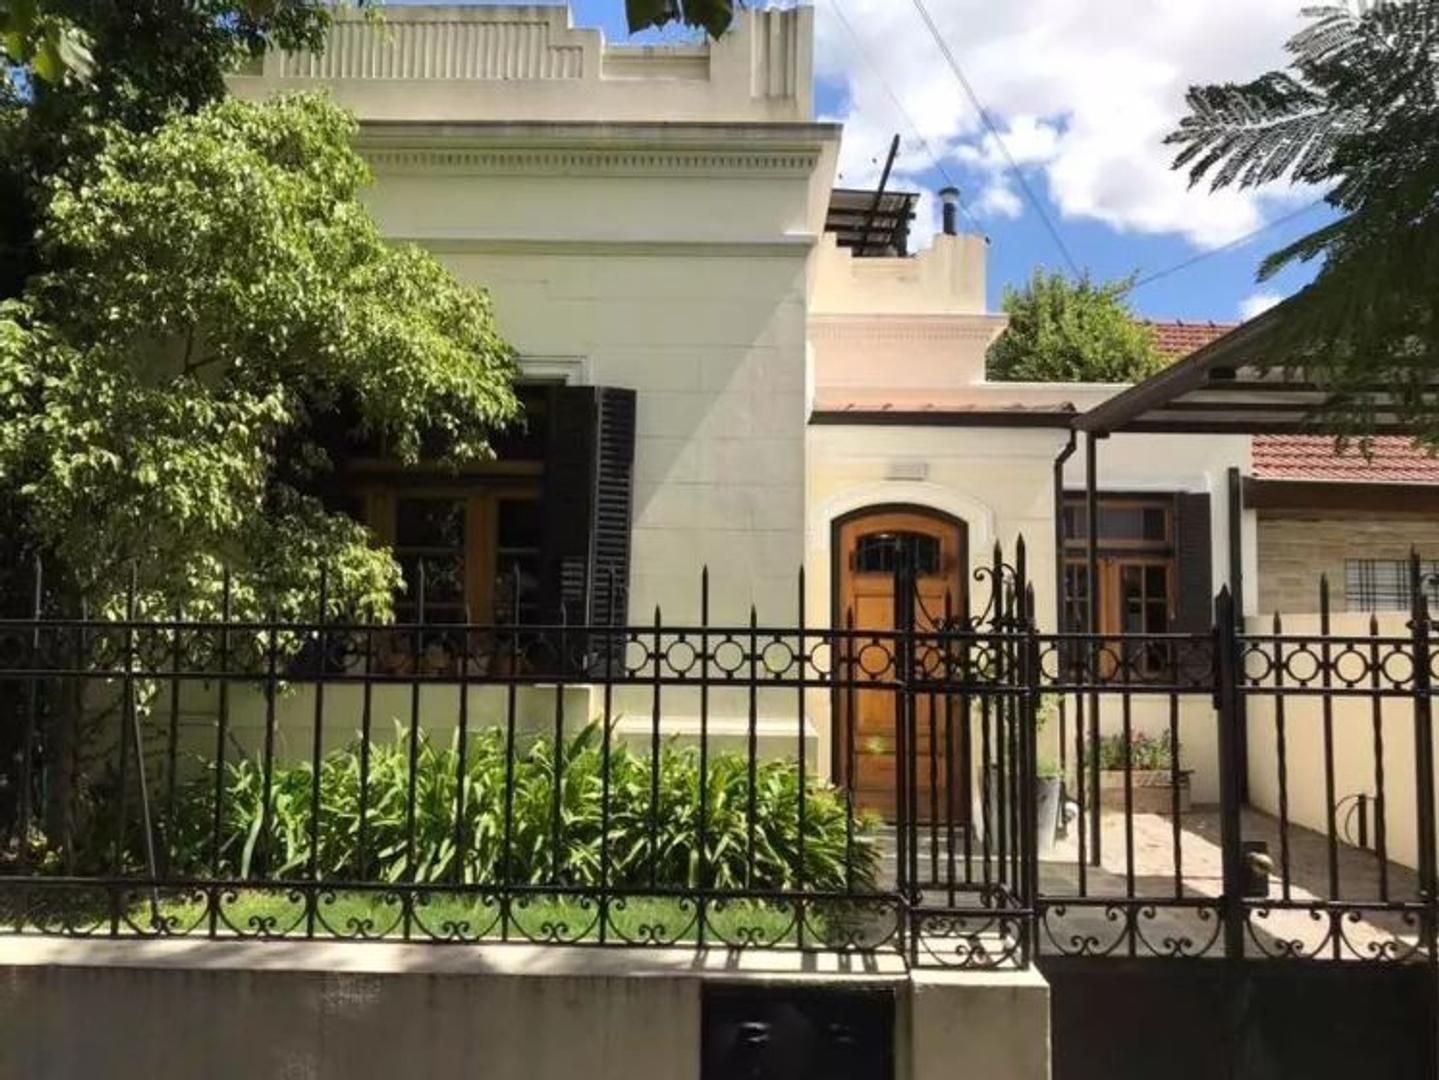 Casa en Venta en Ituzaingo - 4 ambientes